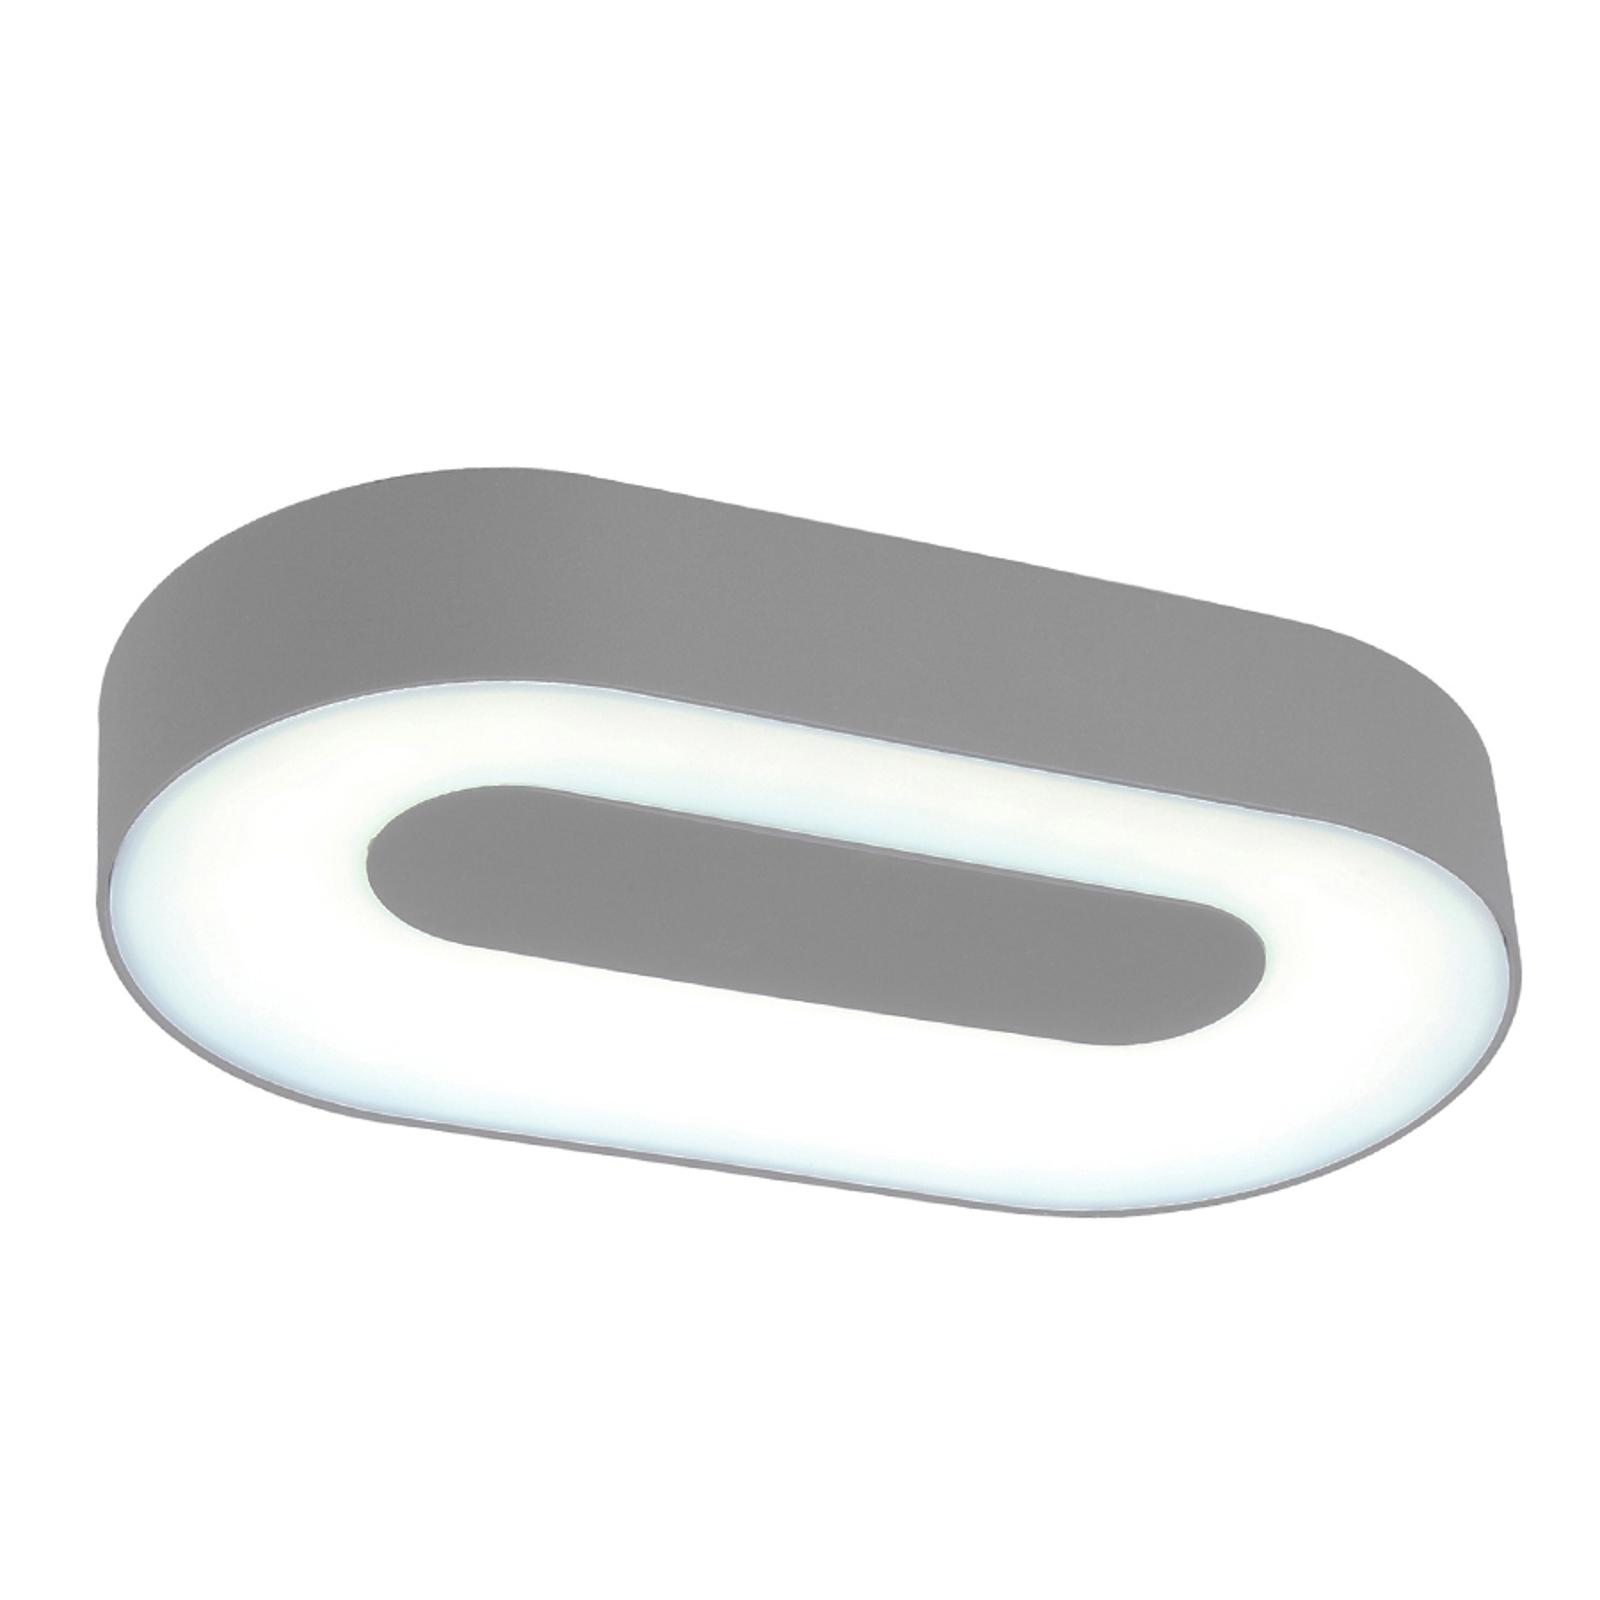 Oválne nástenné LED svetlo Ublo vonkajšia oblasť_3006232_1